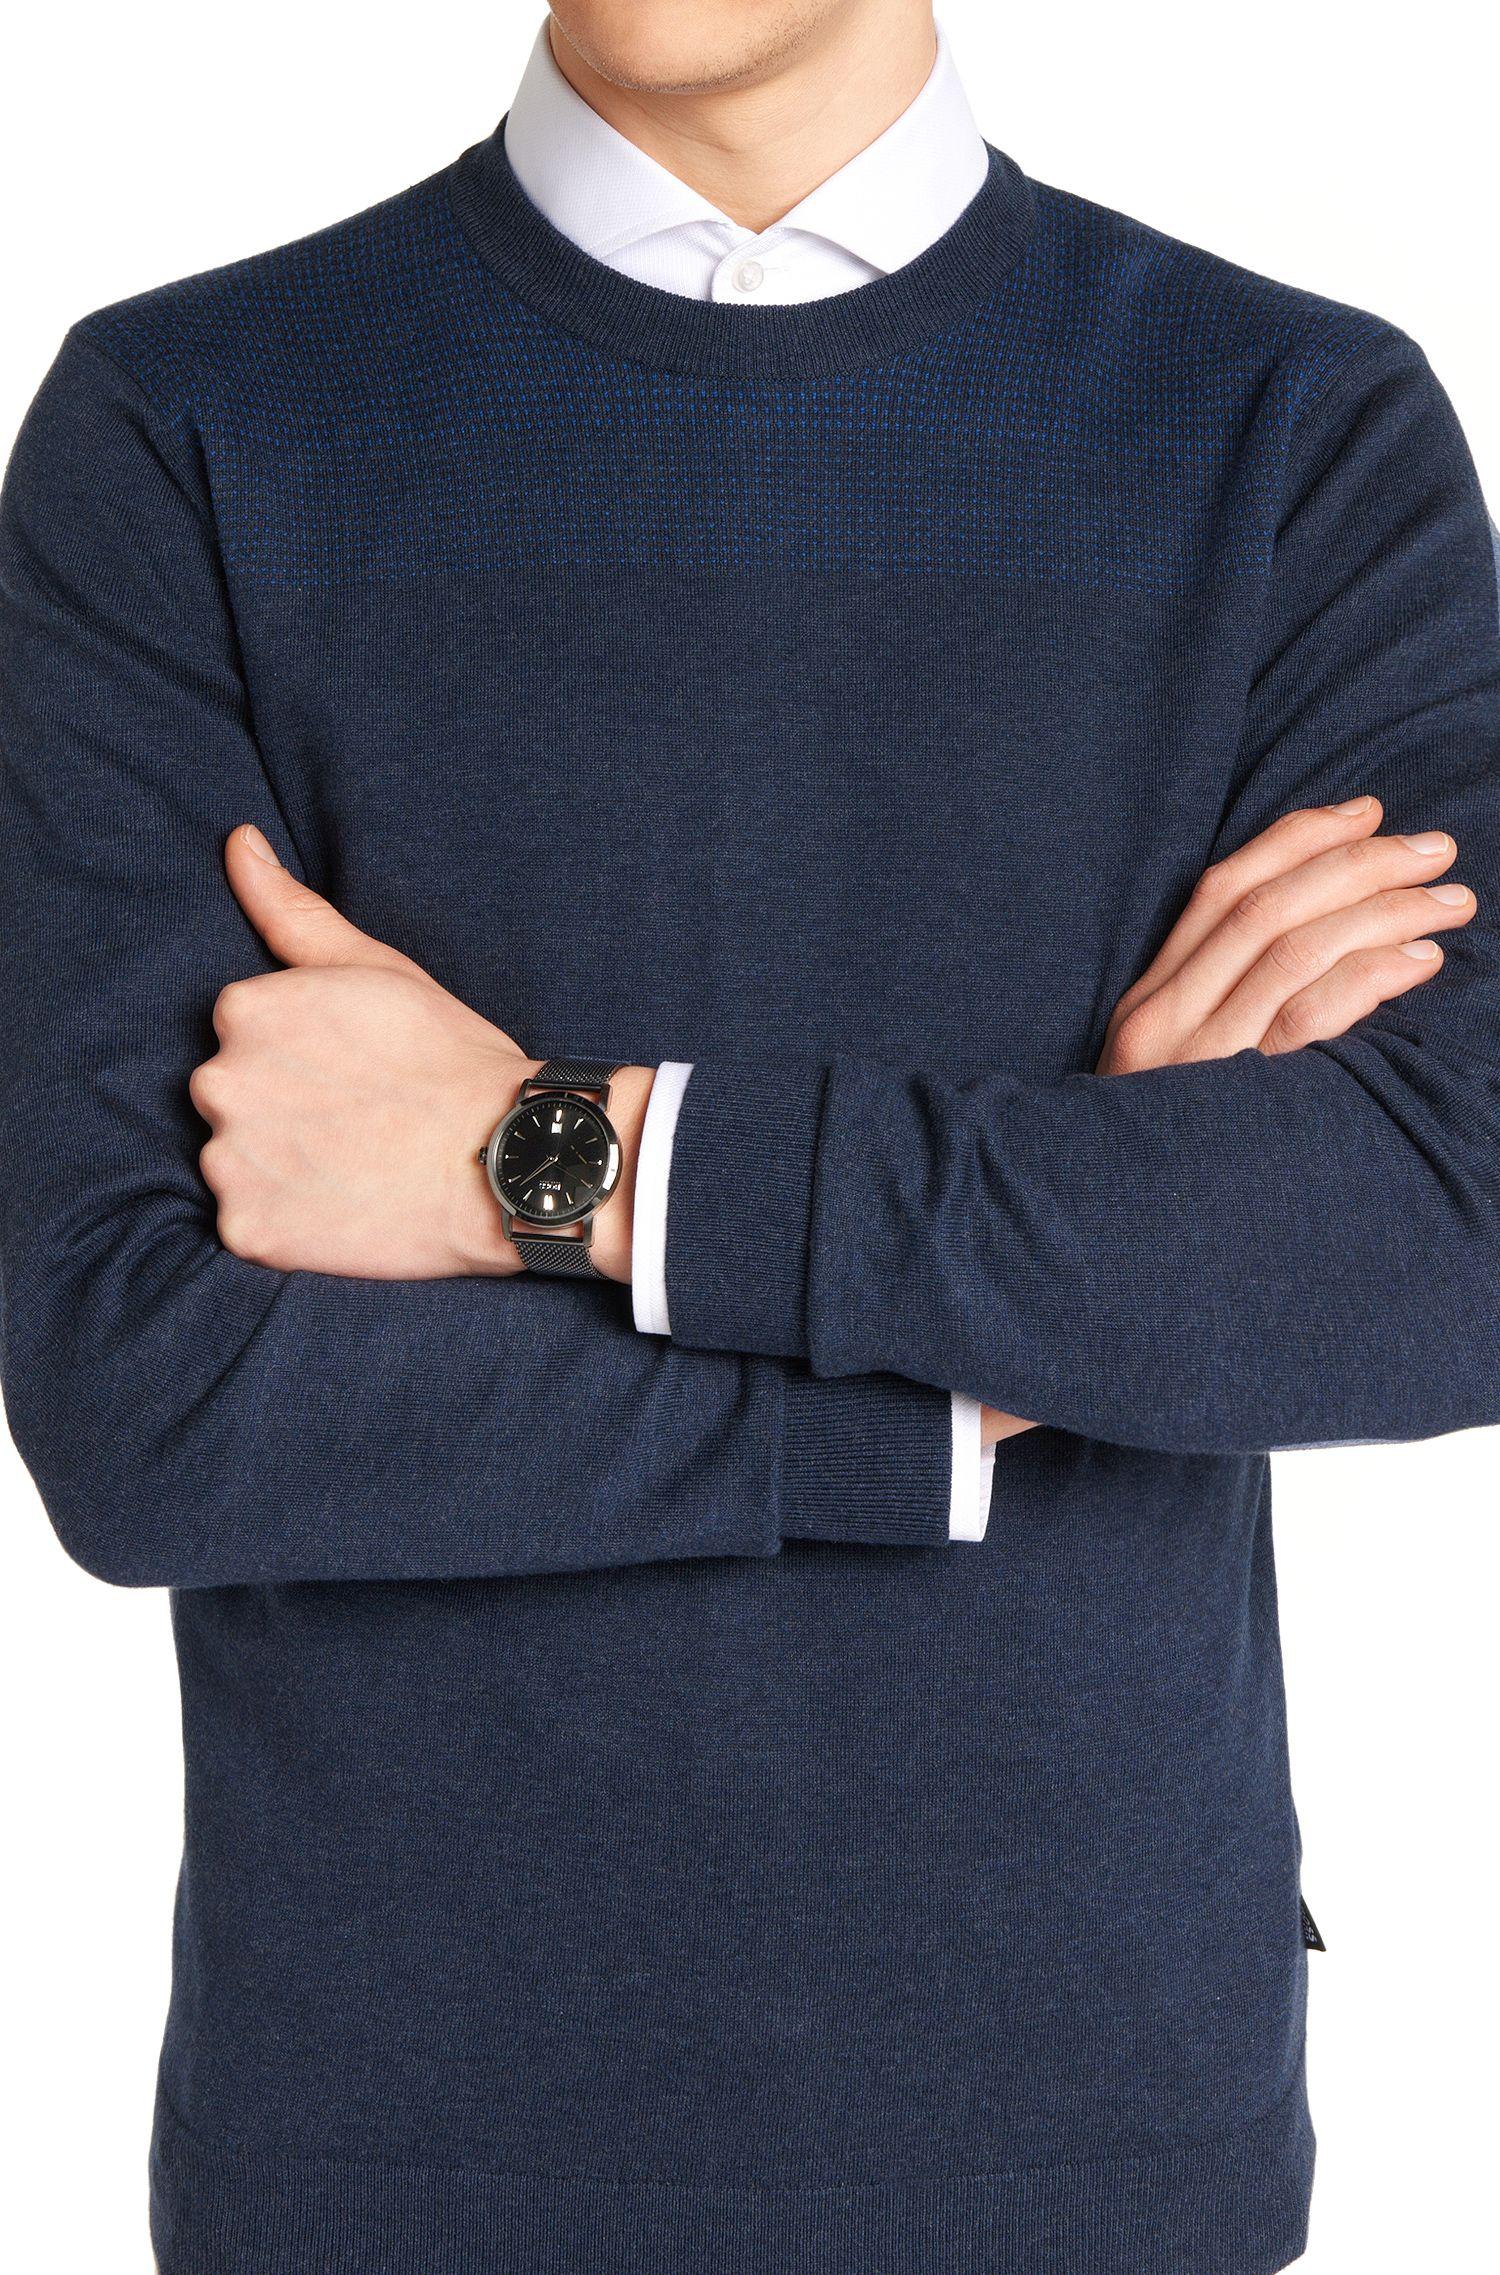 Zwei-Zeiger-Uhr aus geschwärztem Edelstahl mit Milanaise-Armband: 'HB1401'